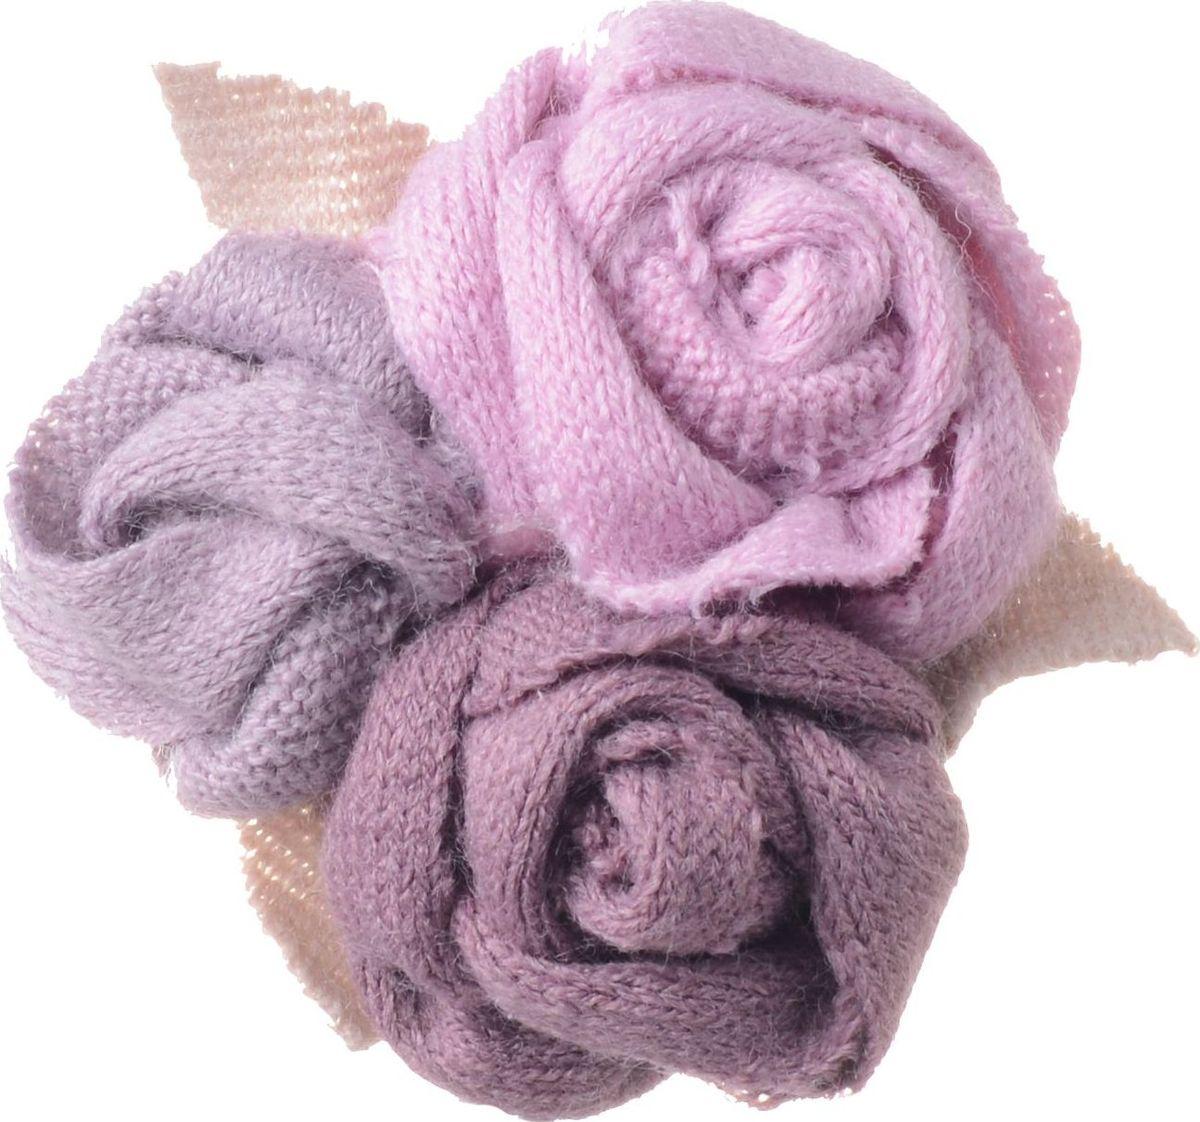 Резинка для волос Malina By Андерсен Вивьен, цвет: розовый. 31708рб2331708рб23Резинка для волос поможет подчеркнуть вашу индивидуальность и стиль. С помощью резинки вы сможете уложить волосы в элегантную прическу.